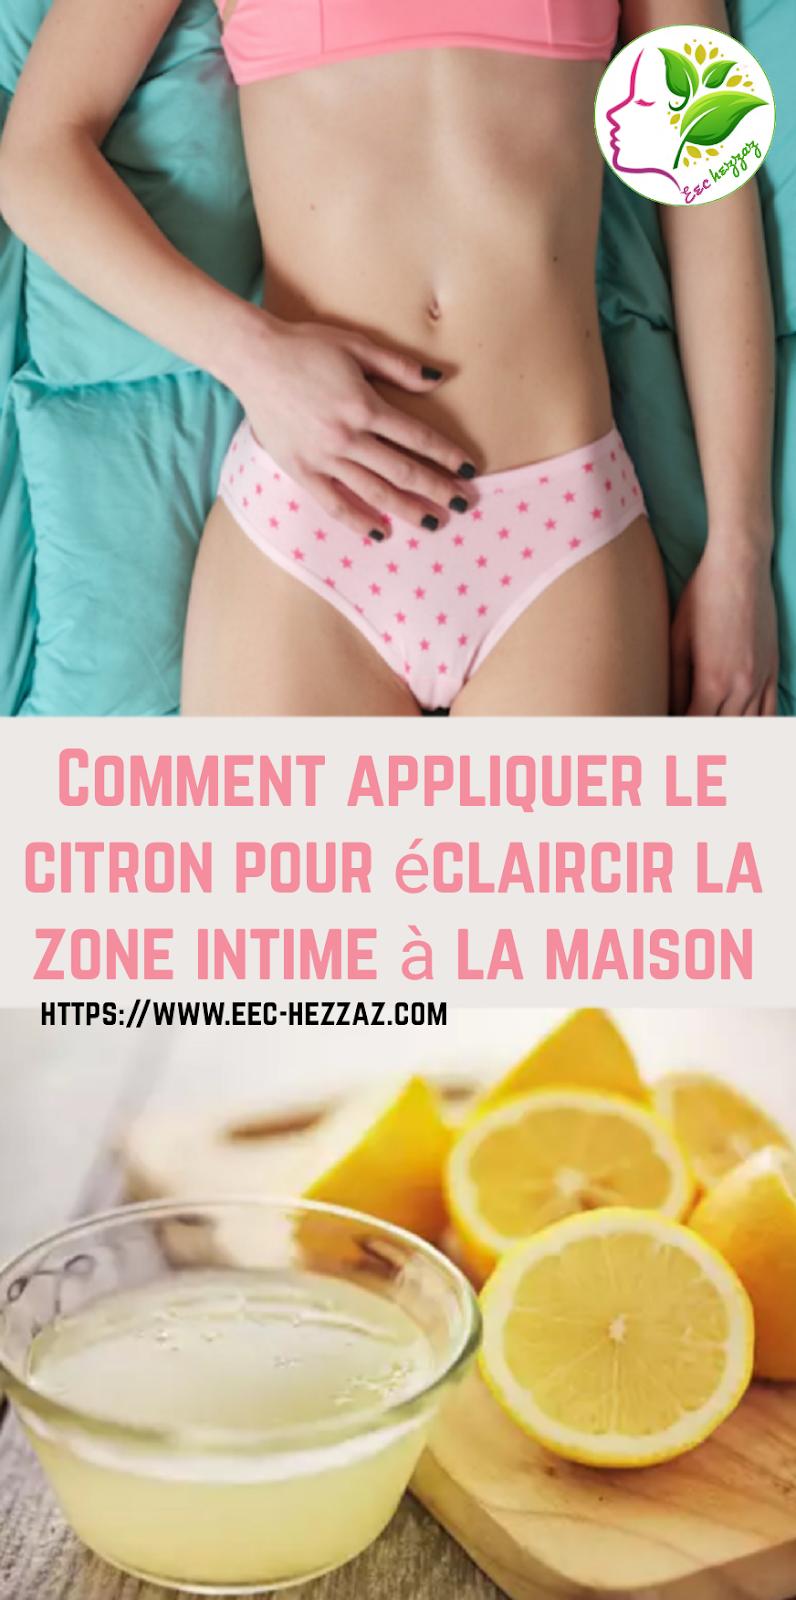 Comment appliquer le citron pour éclaircir la zone intime à la maison